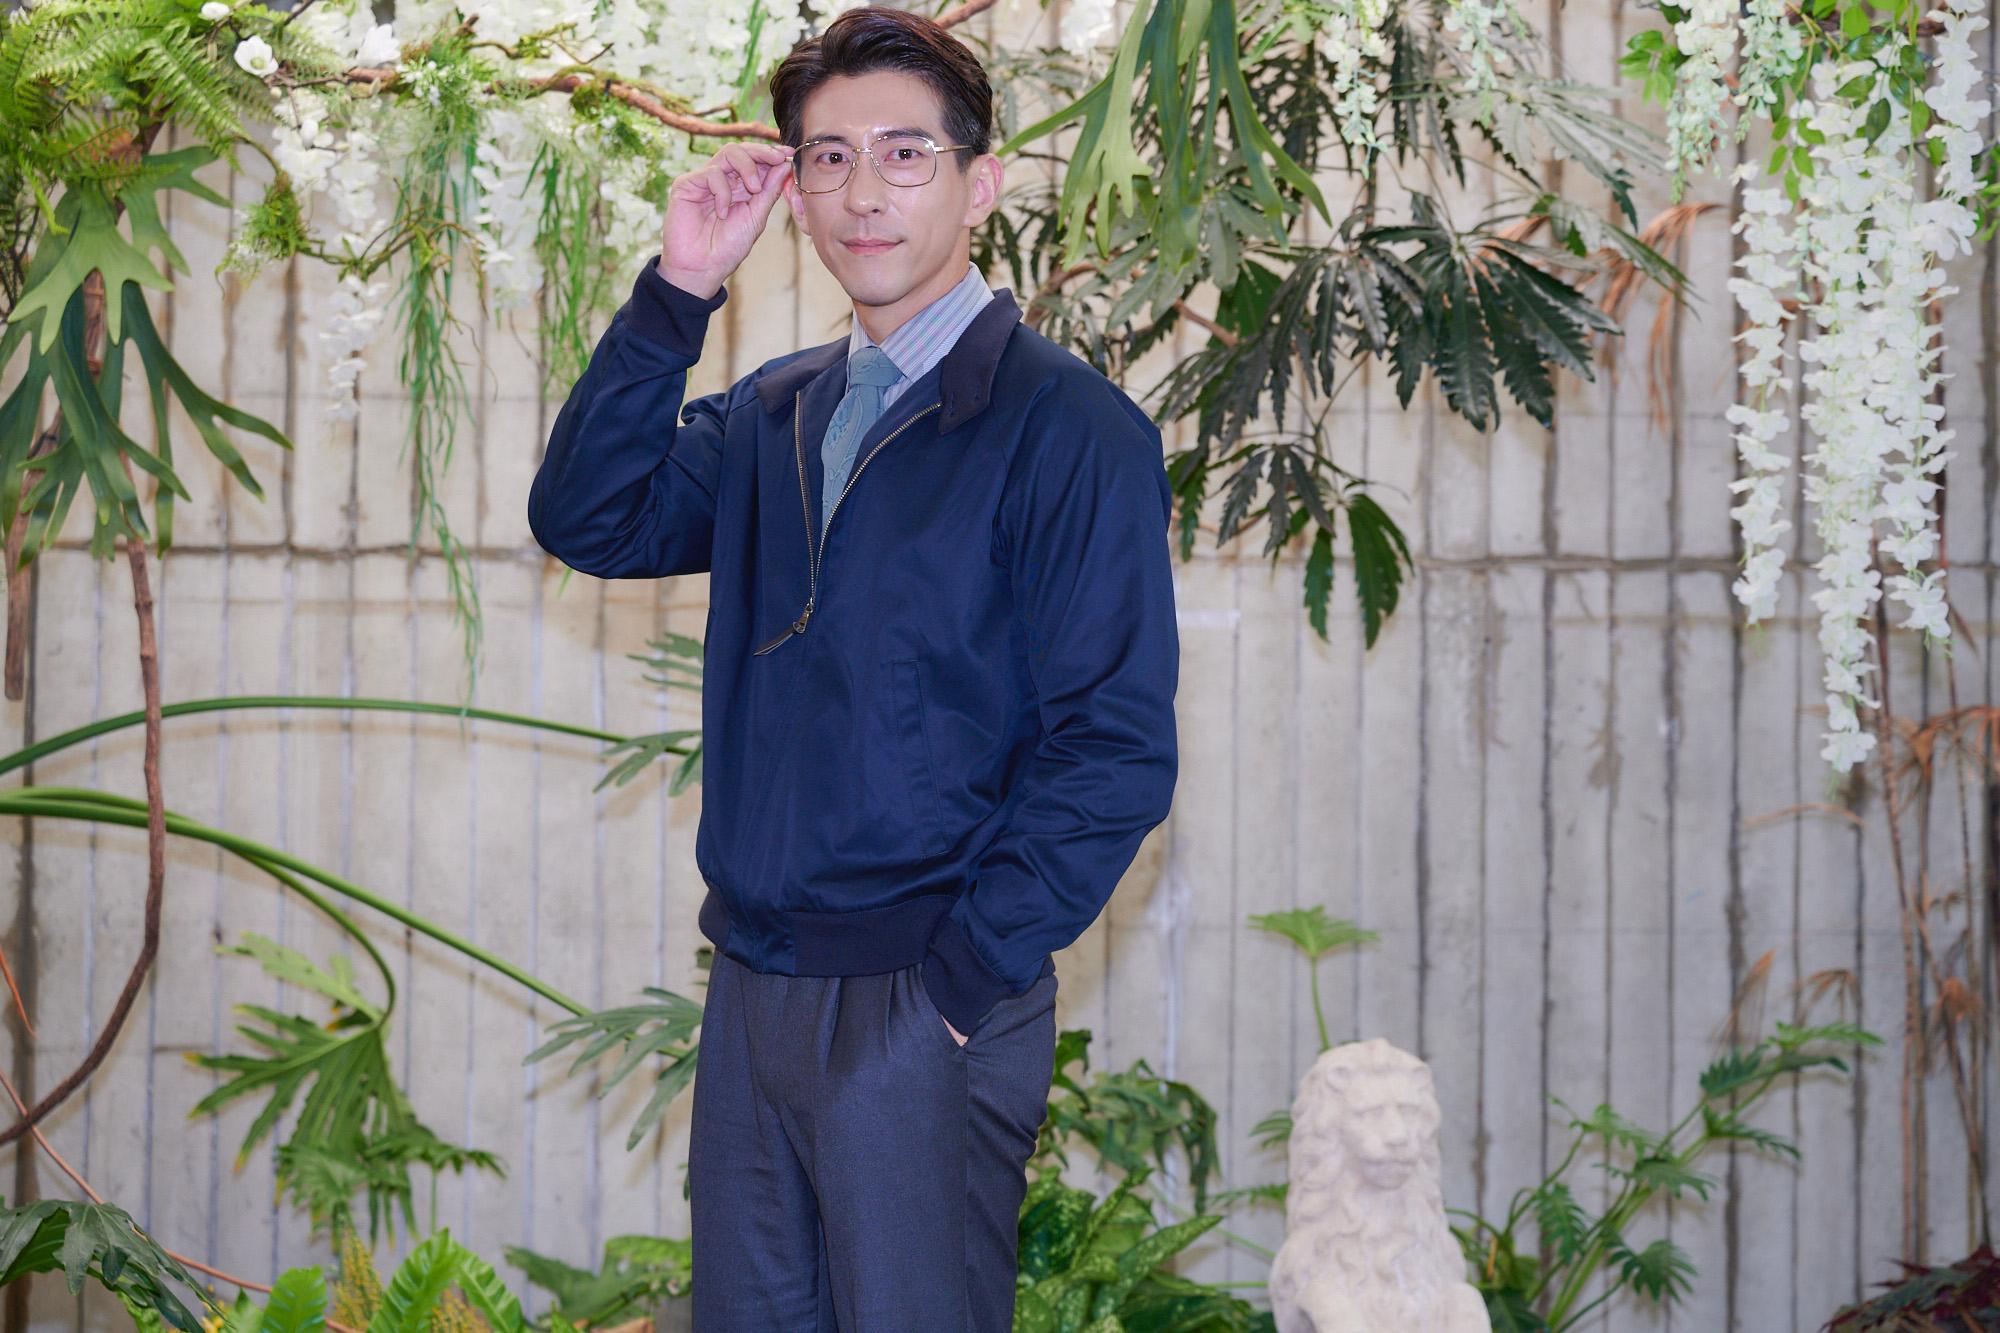 《華燈初上》修杰楷飾演出身良好的檢察官_百聿數碼提供